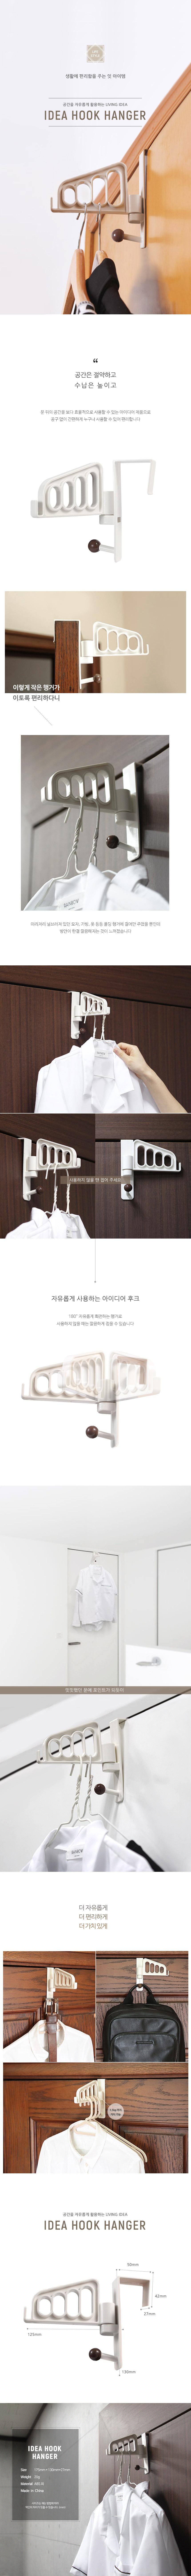 생활편리 공간활용 무타공 도어 옷걸이 행거 후크 - 히키스, 5,000원, 생활잡화, 후크